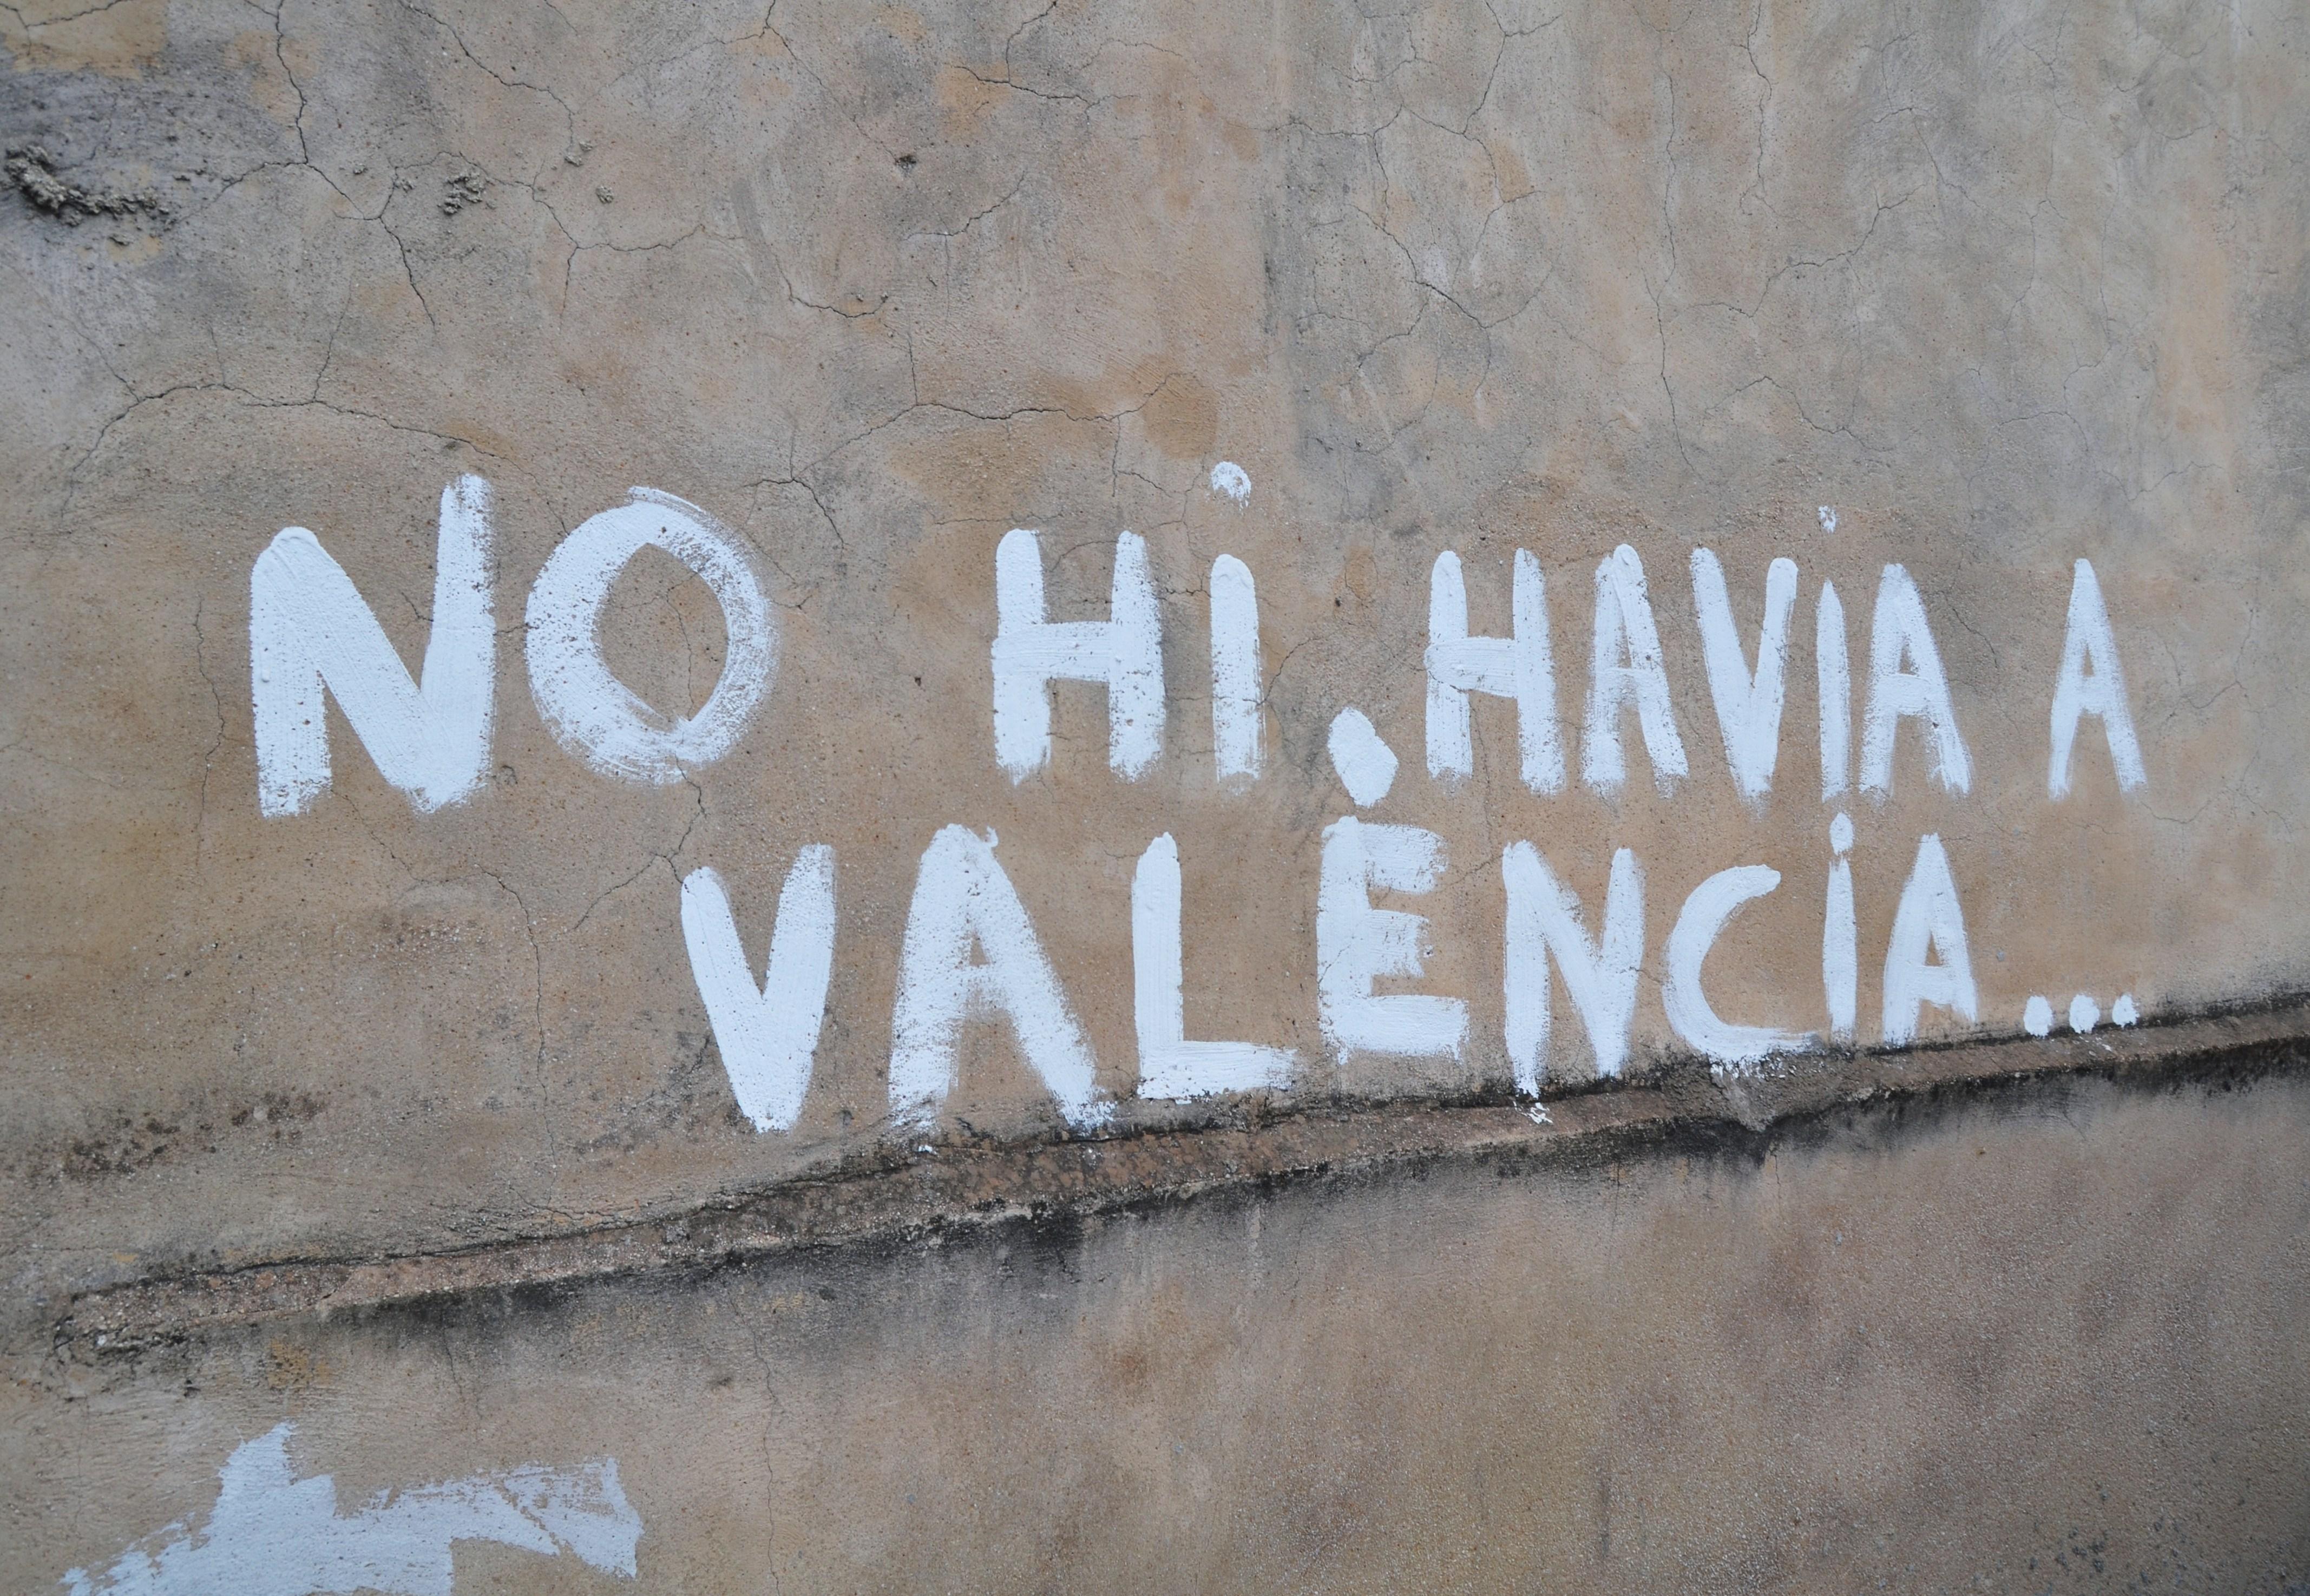 Grafiti que cita las primeras palabras de un conocido poema del autor (Els Poblets, 2012).